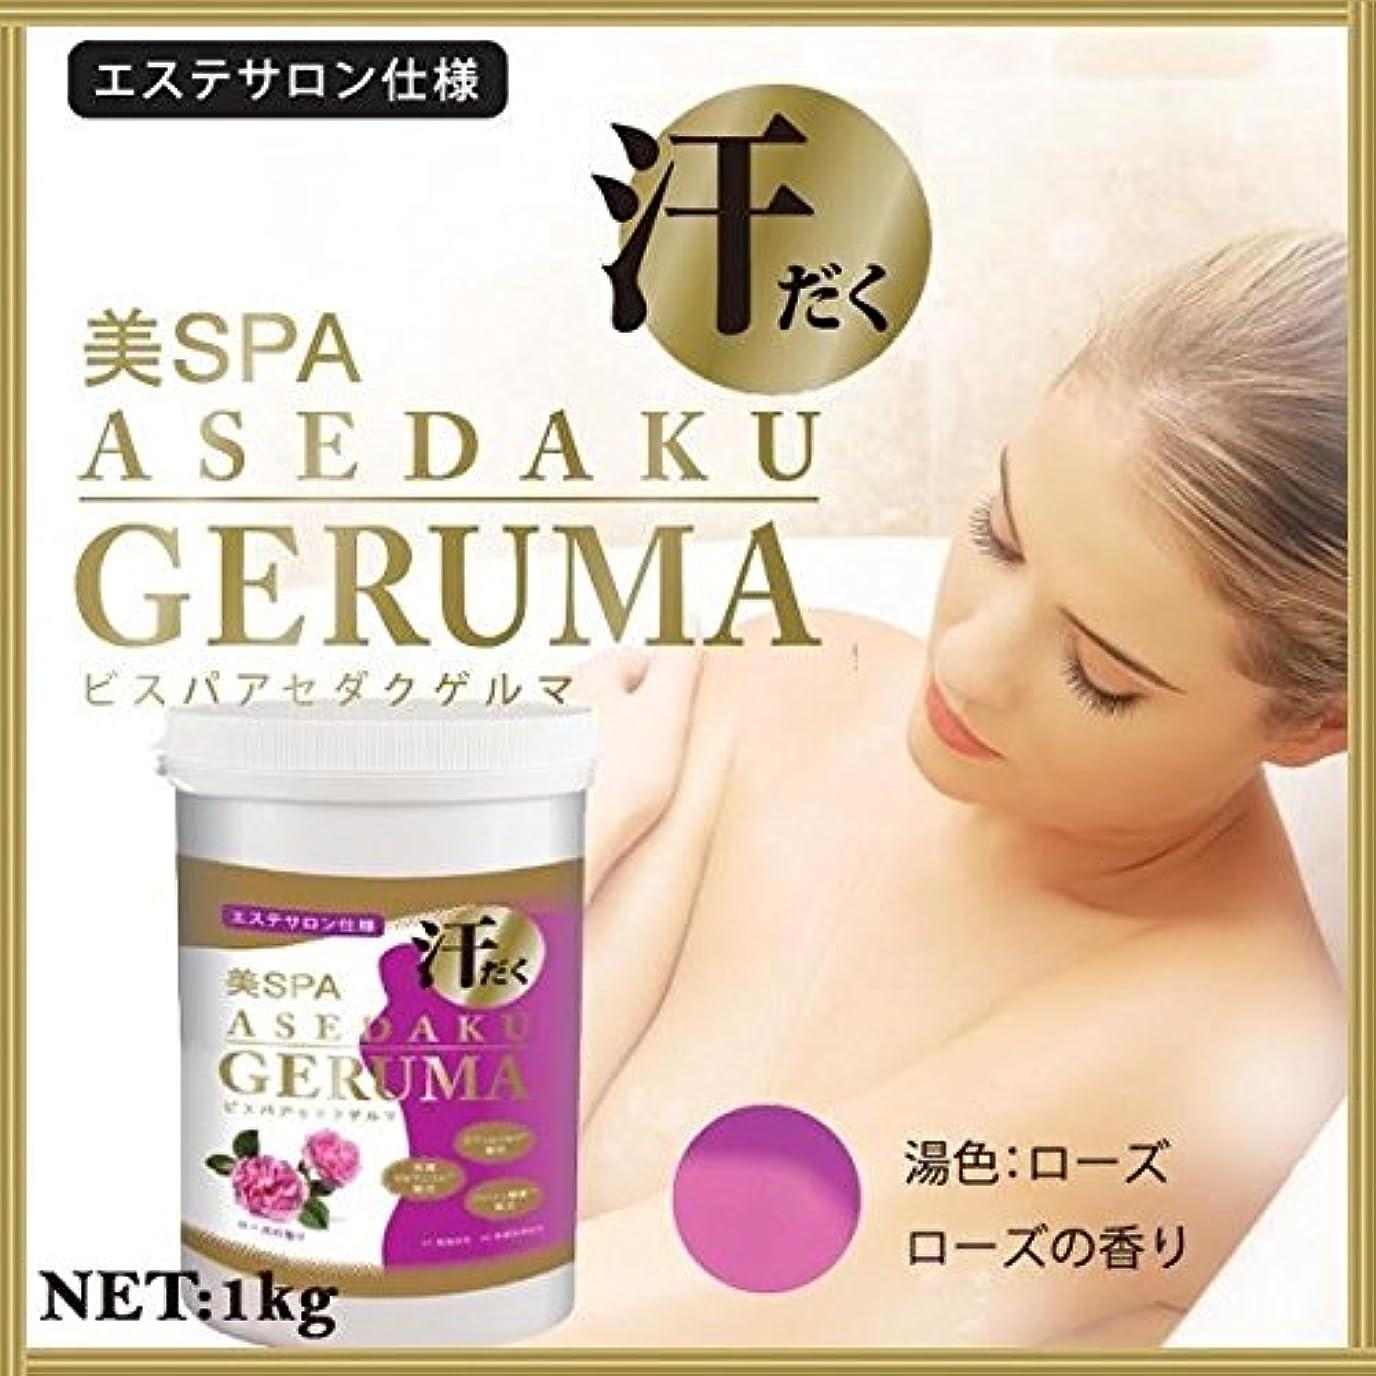 サンダースチールスチールゲルマニウム入浴料 美SPA ASEDAKU GERUMA ROSE(ローズ) ボトル 1kg